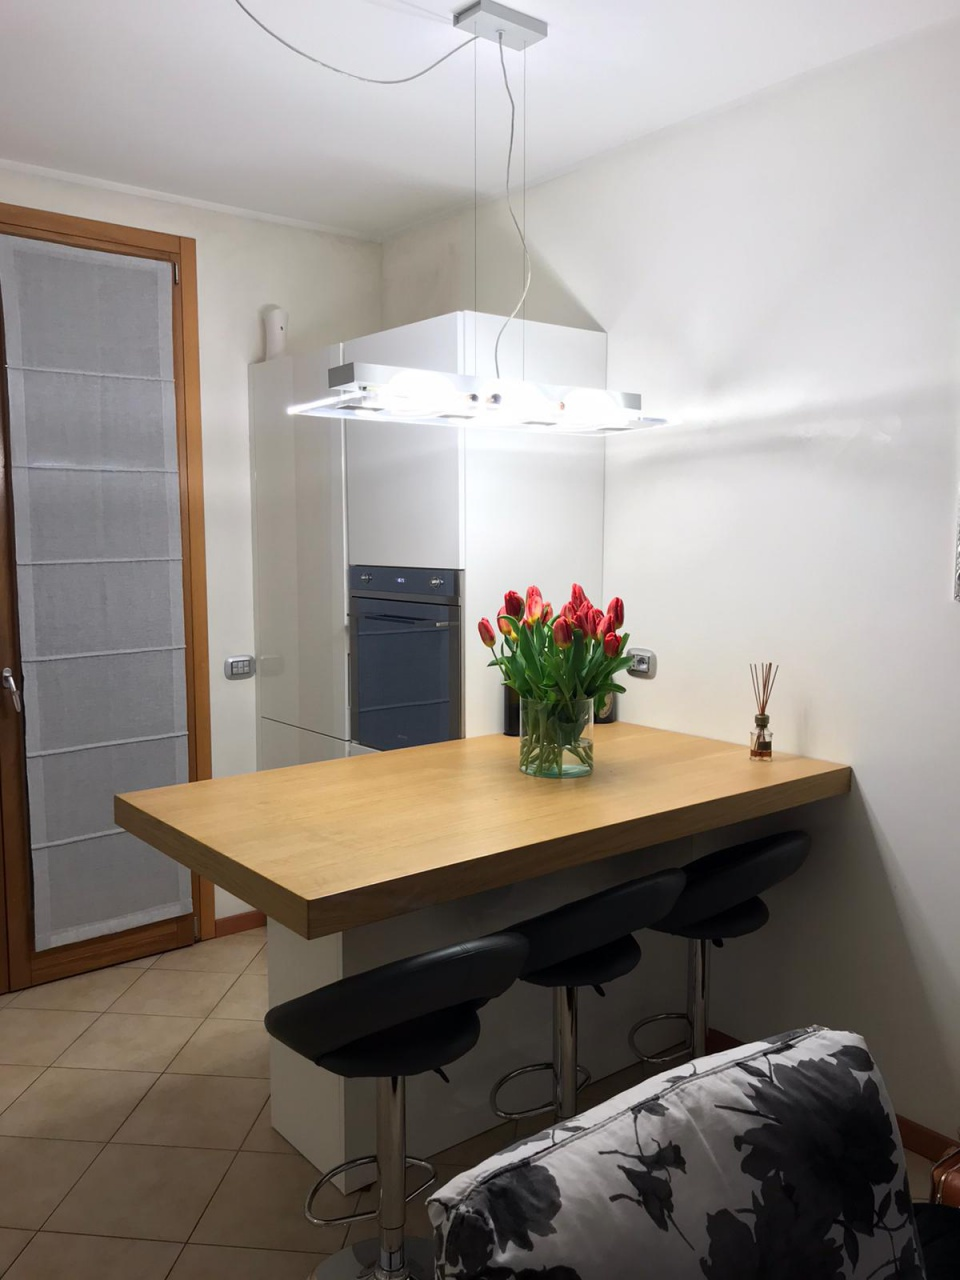 Appartamento in vendita a Salzano, 3 locali, prezzo € 140.000 | CambioCasa.it